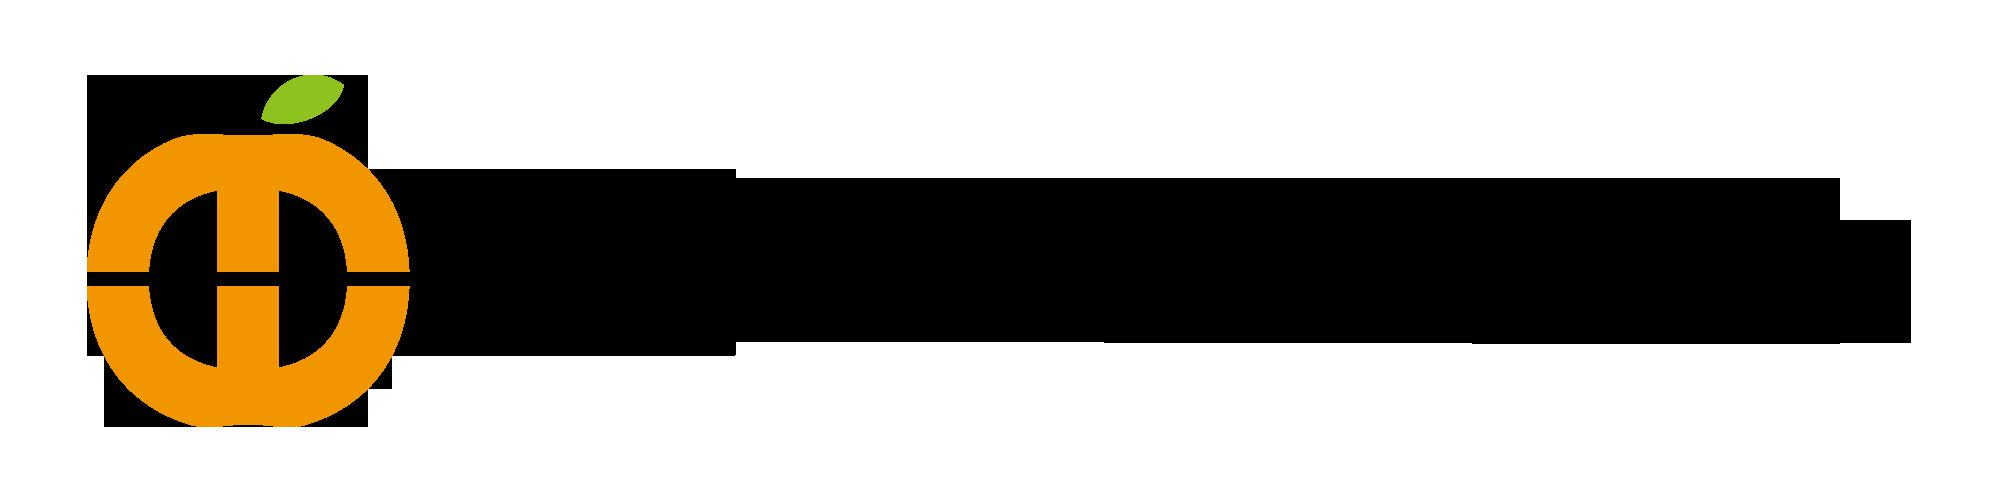 贈り物 Rinnai ガスファンヒーター(都市ガス12A・13A用) プラズマクラスターイオ(品)-その他家電